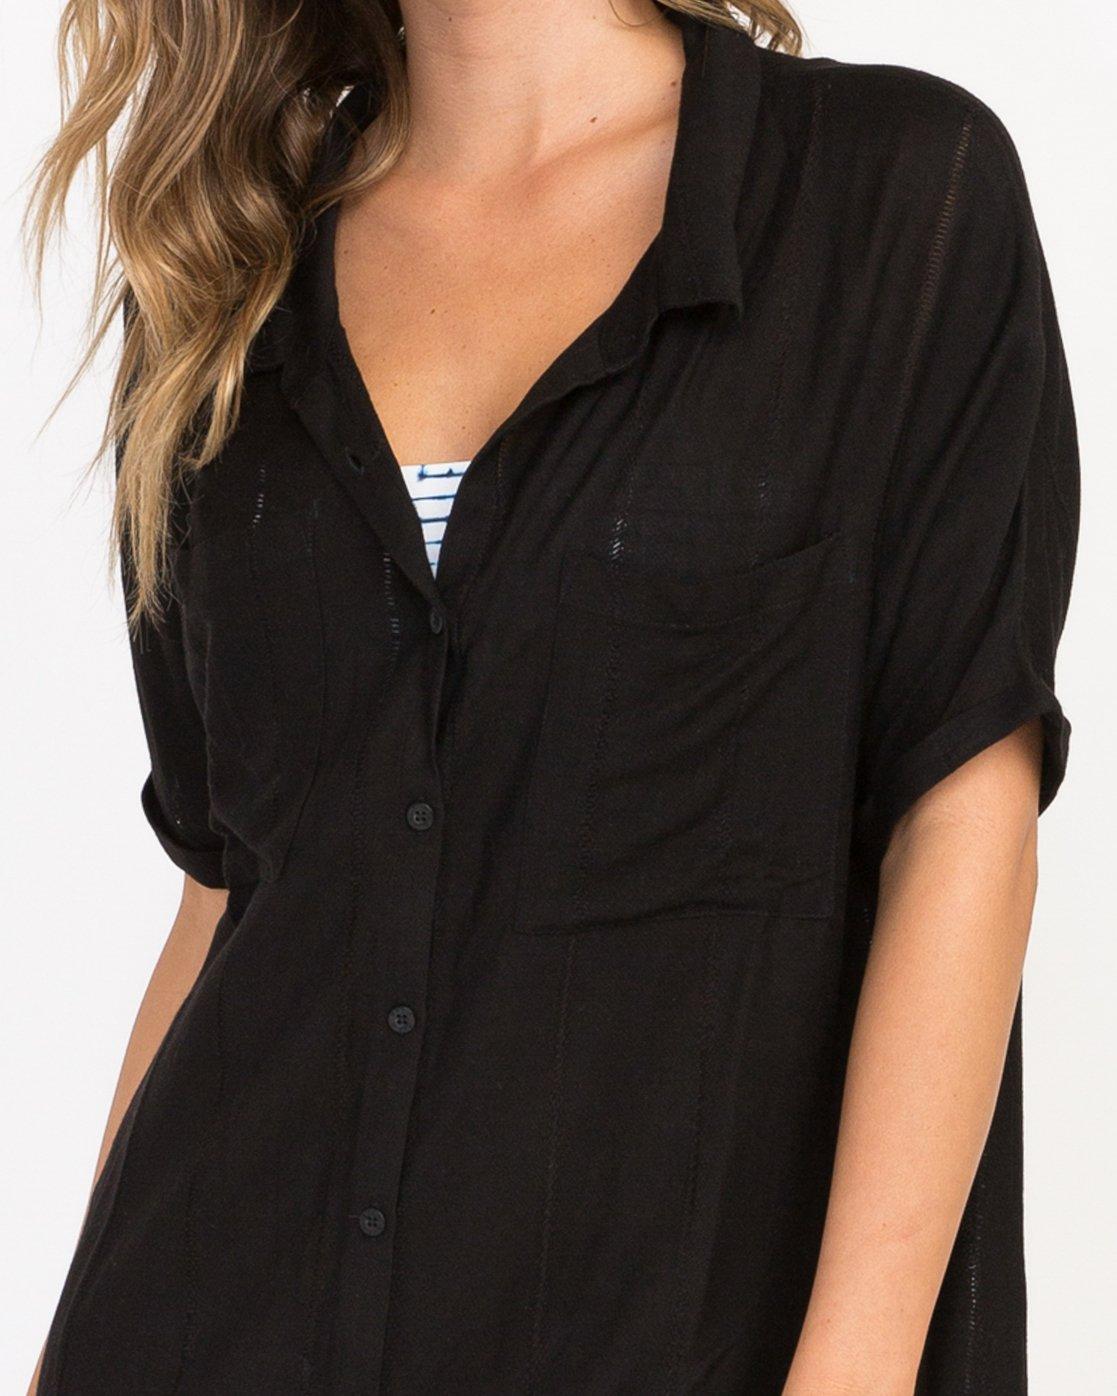 3 And Then Tunic Shirt Dress Black XC05PRAN RVCA